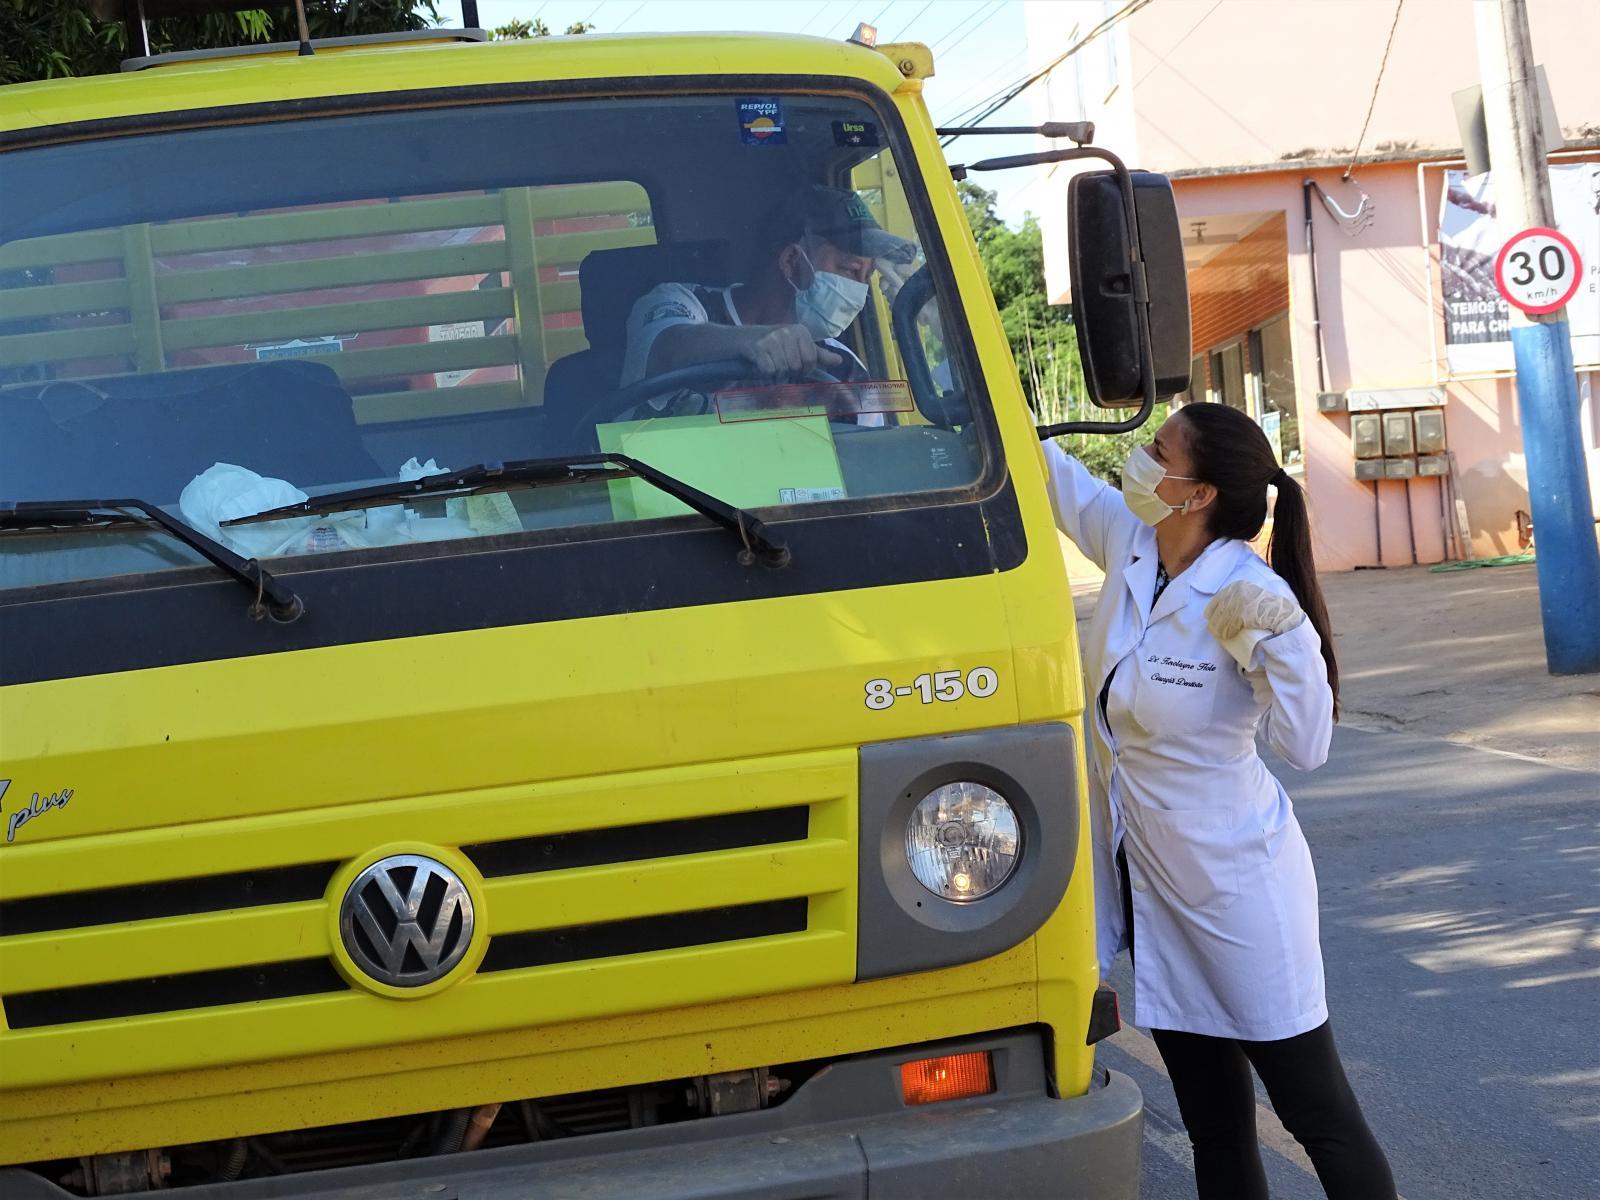 Coronavírus (COVID-19): Município de Itarana instalou barreiras sanitárias para evitar a propagação do vírus